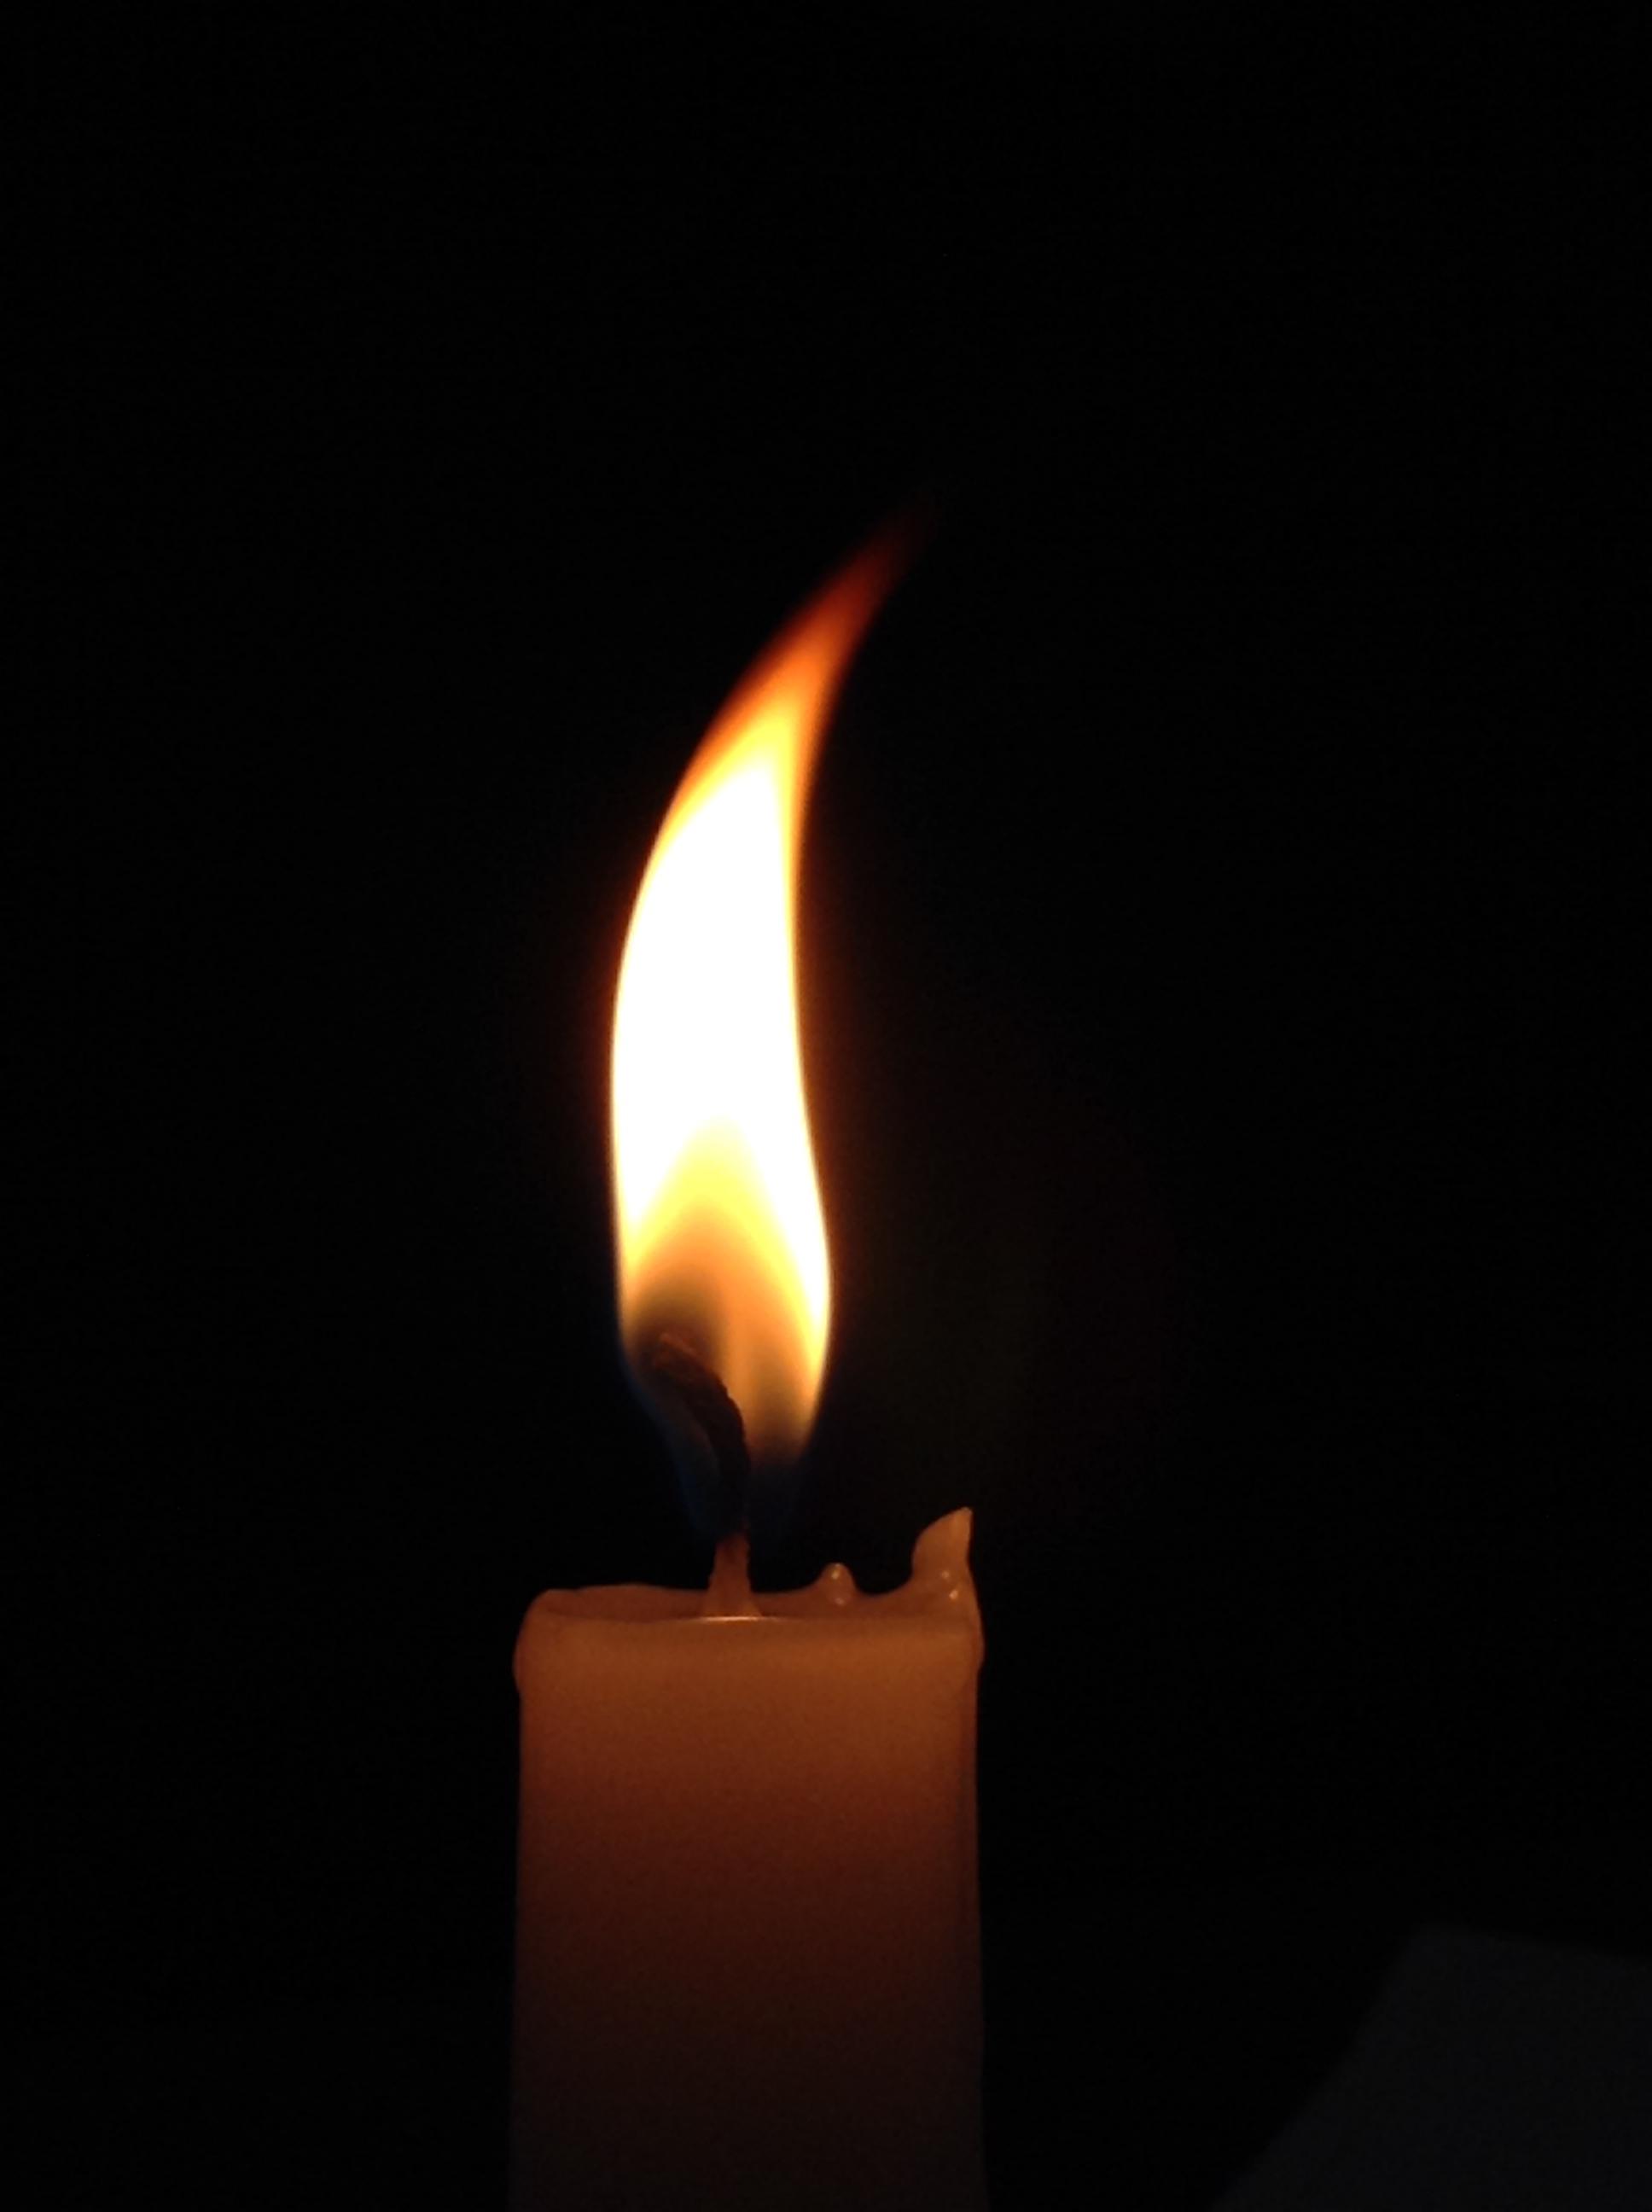 burning candle by spaceraptorjesus on DeviantArt